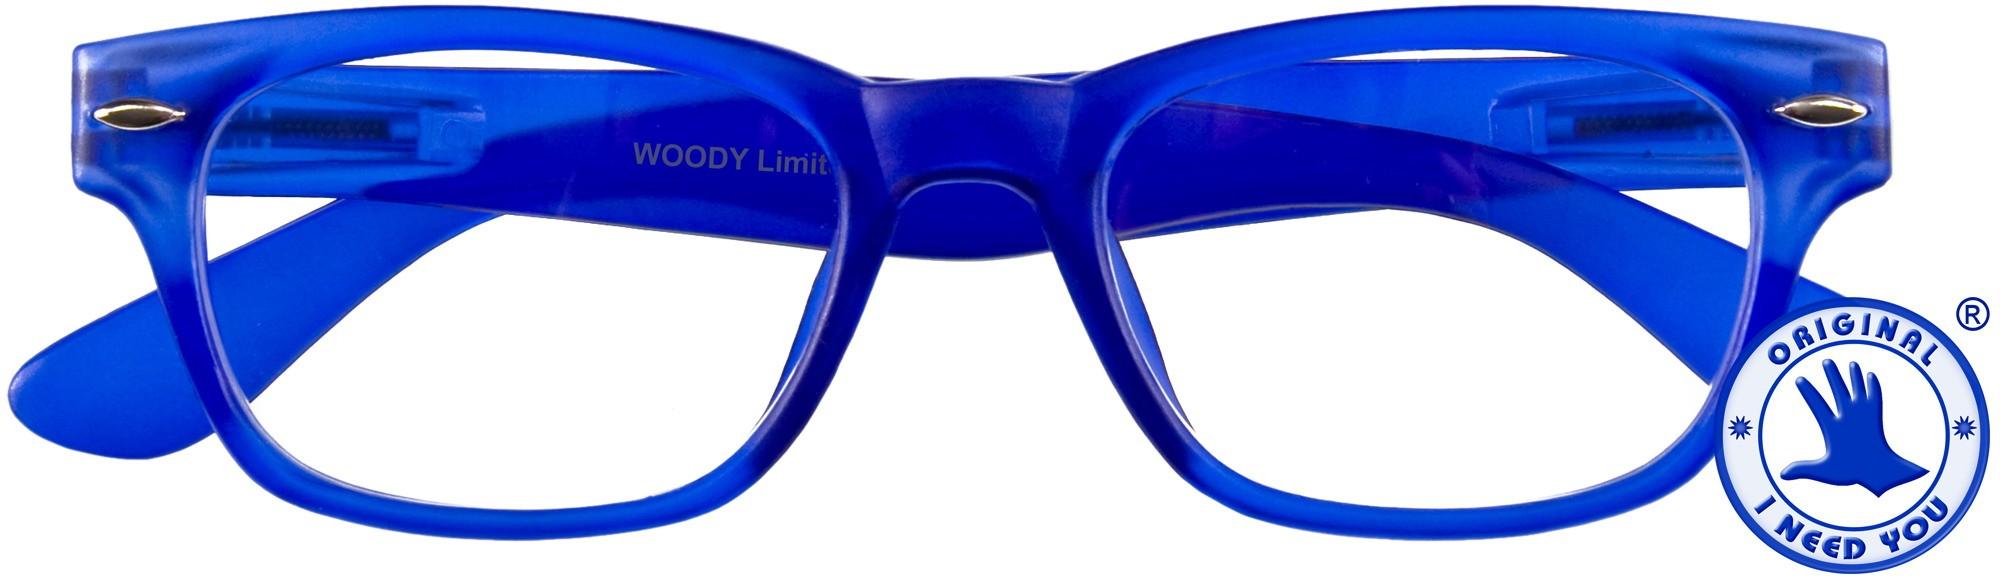 Woody Limited (blau)